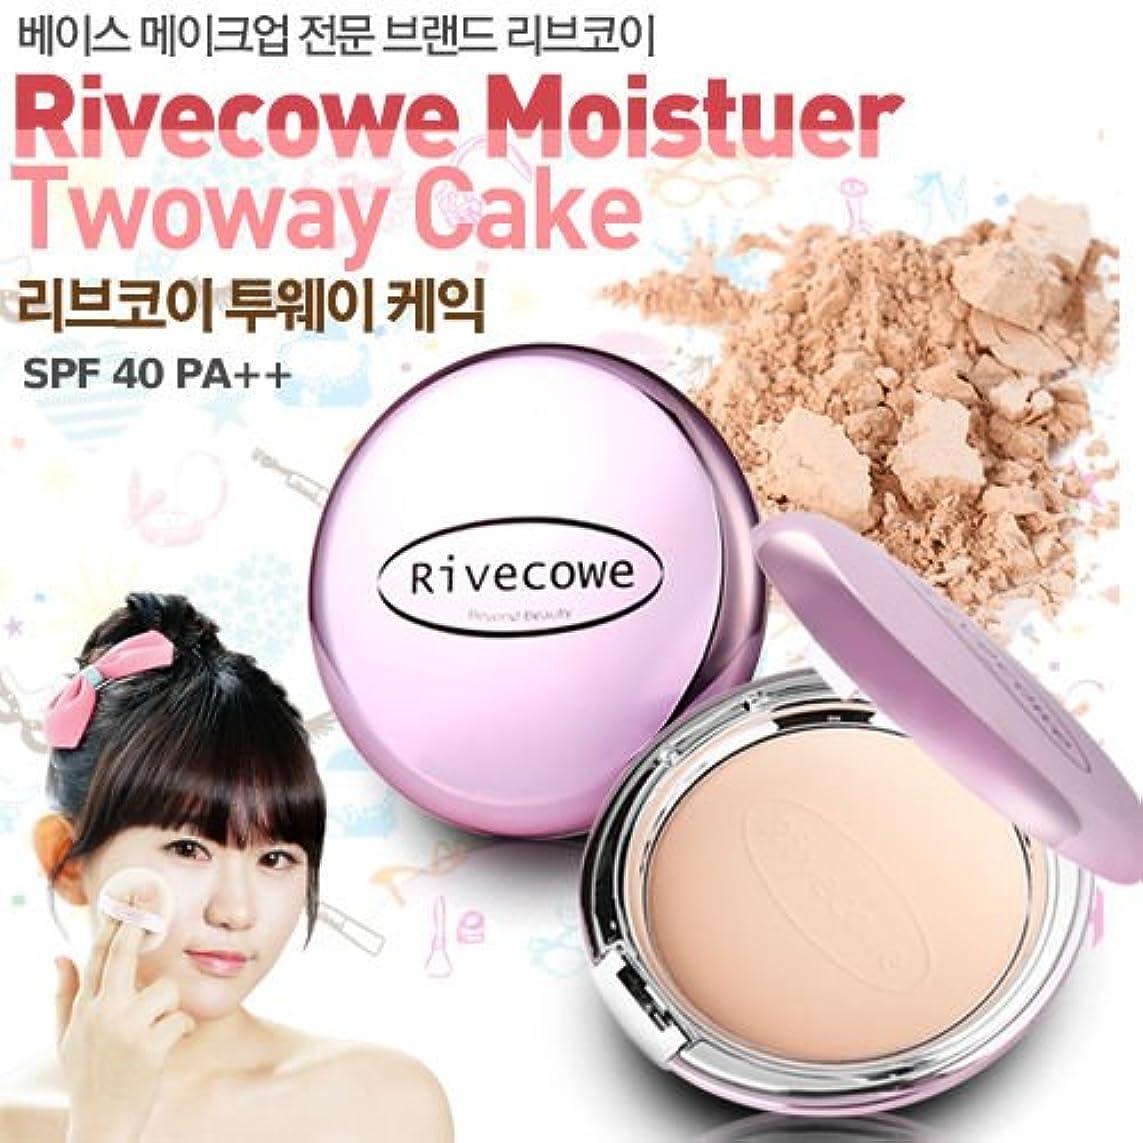 オペレーターサイクル生むRivecowe Moisture Twoway Cake (Foundation + Powder) SPF40PA++ 12g (No. 21 Natural Beige) [並行輸入品]